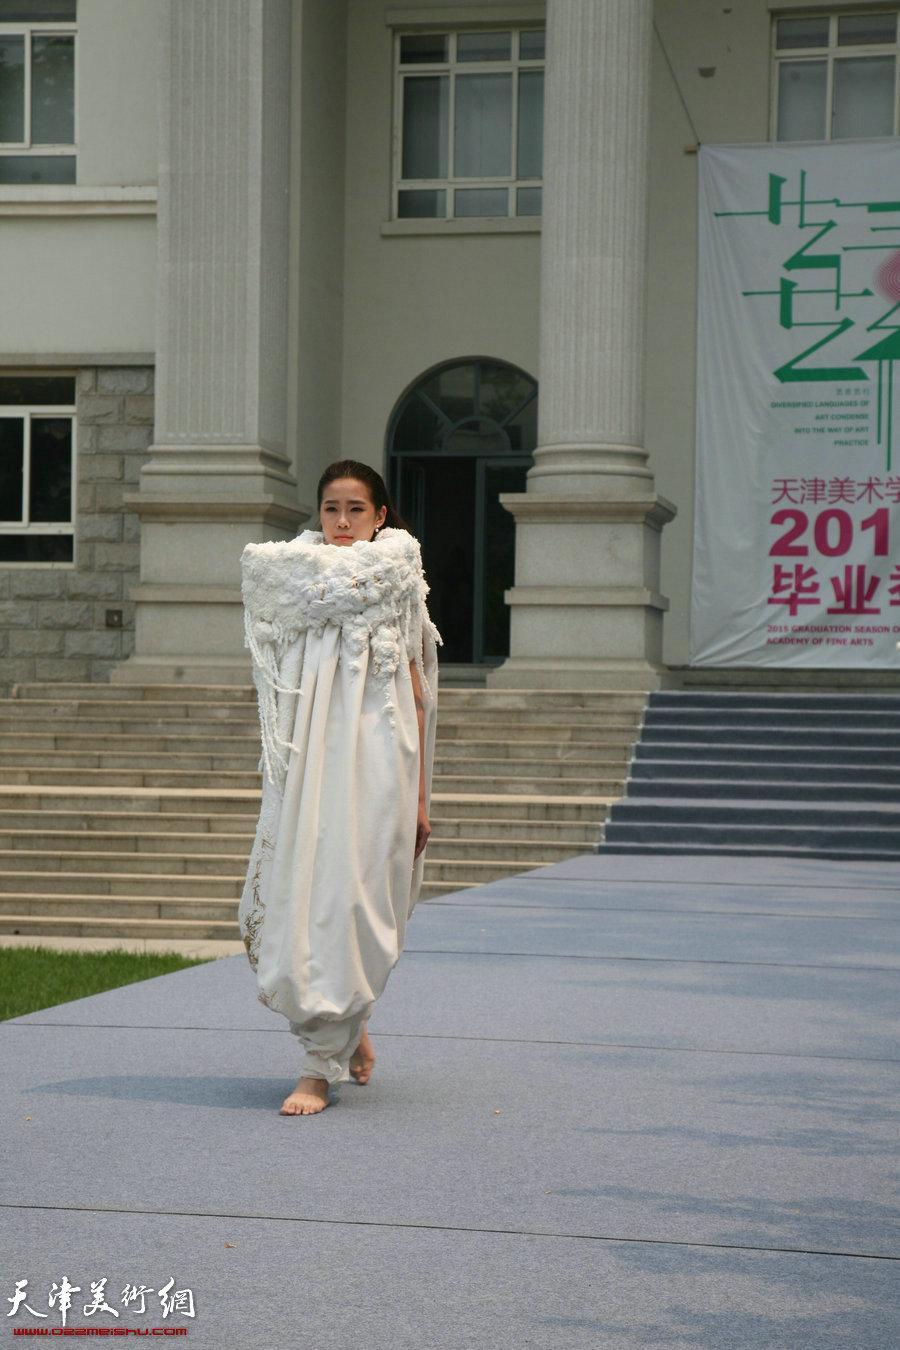 """""""创造与未来""""——天津美术学院2015届毕业生优秀作品展在天津美术学院美术馆开幕,图为产品设计学院毕业生时装表演。"""